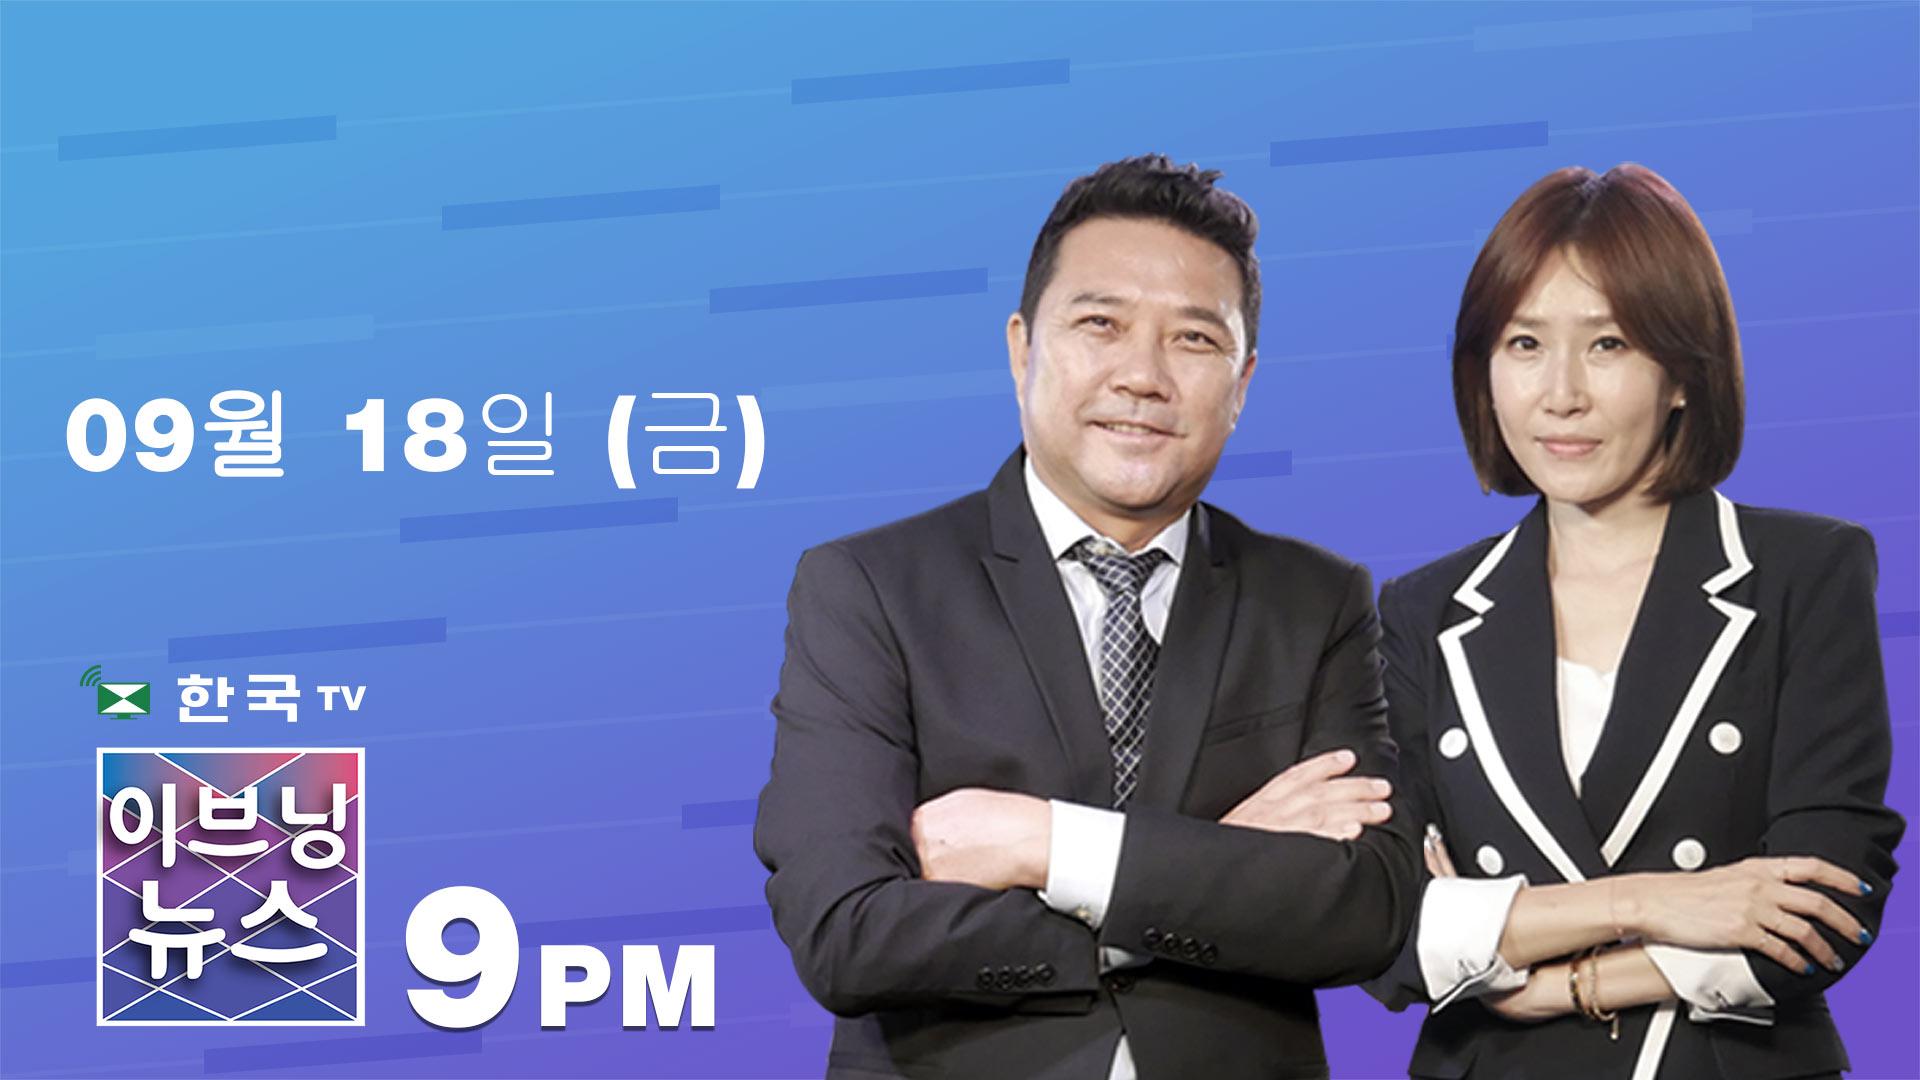 (09.18.2020) 한국TV 이브닝 뉴스